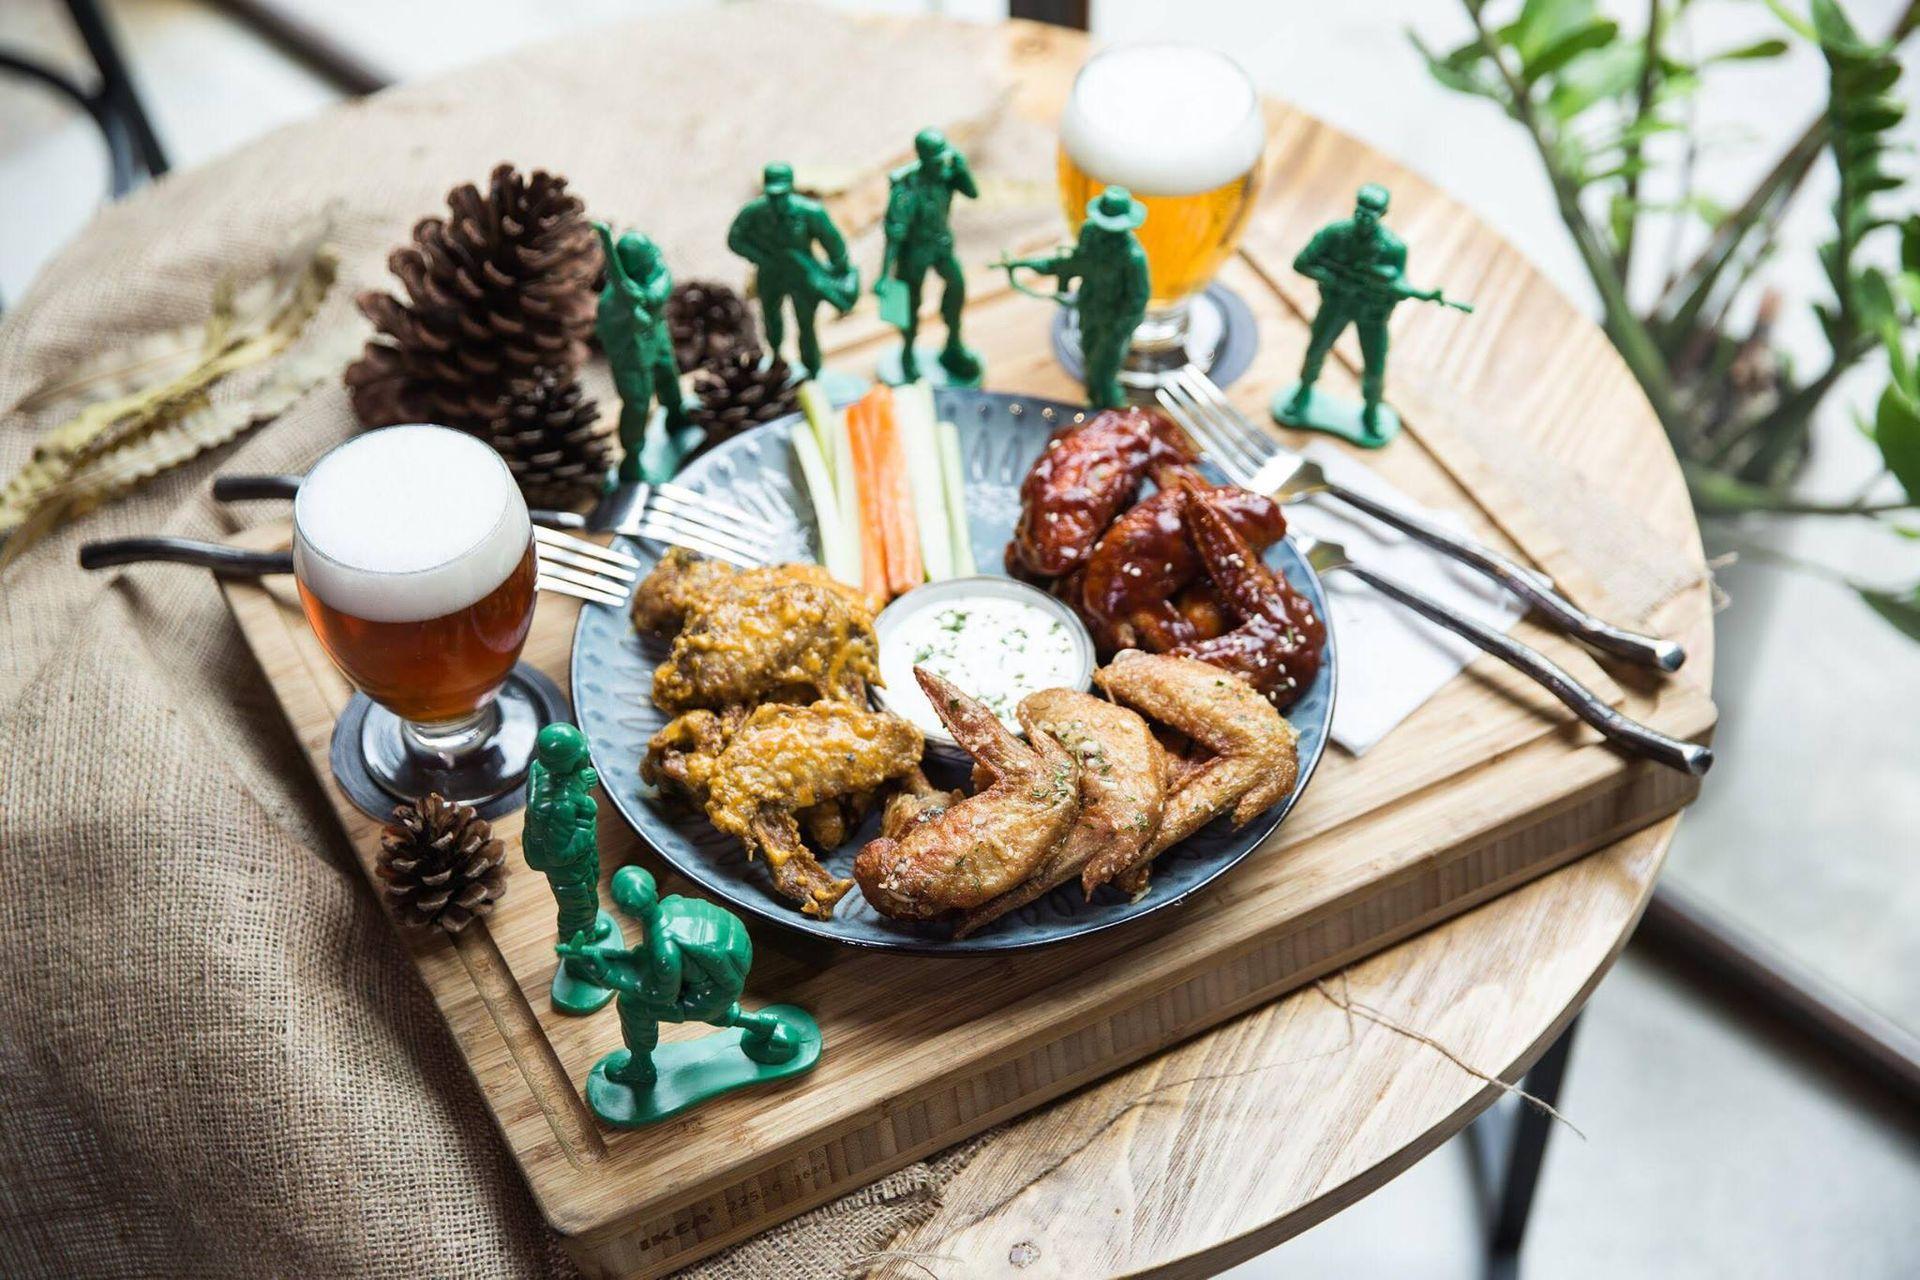 調味雞翅和精釀啤酒,還有什麼更吸引人的?